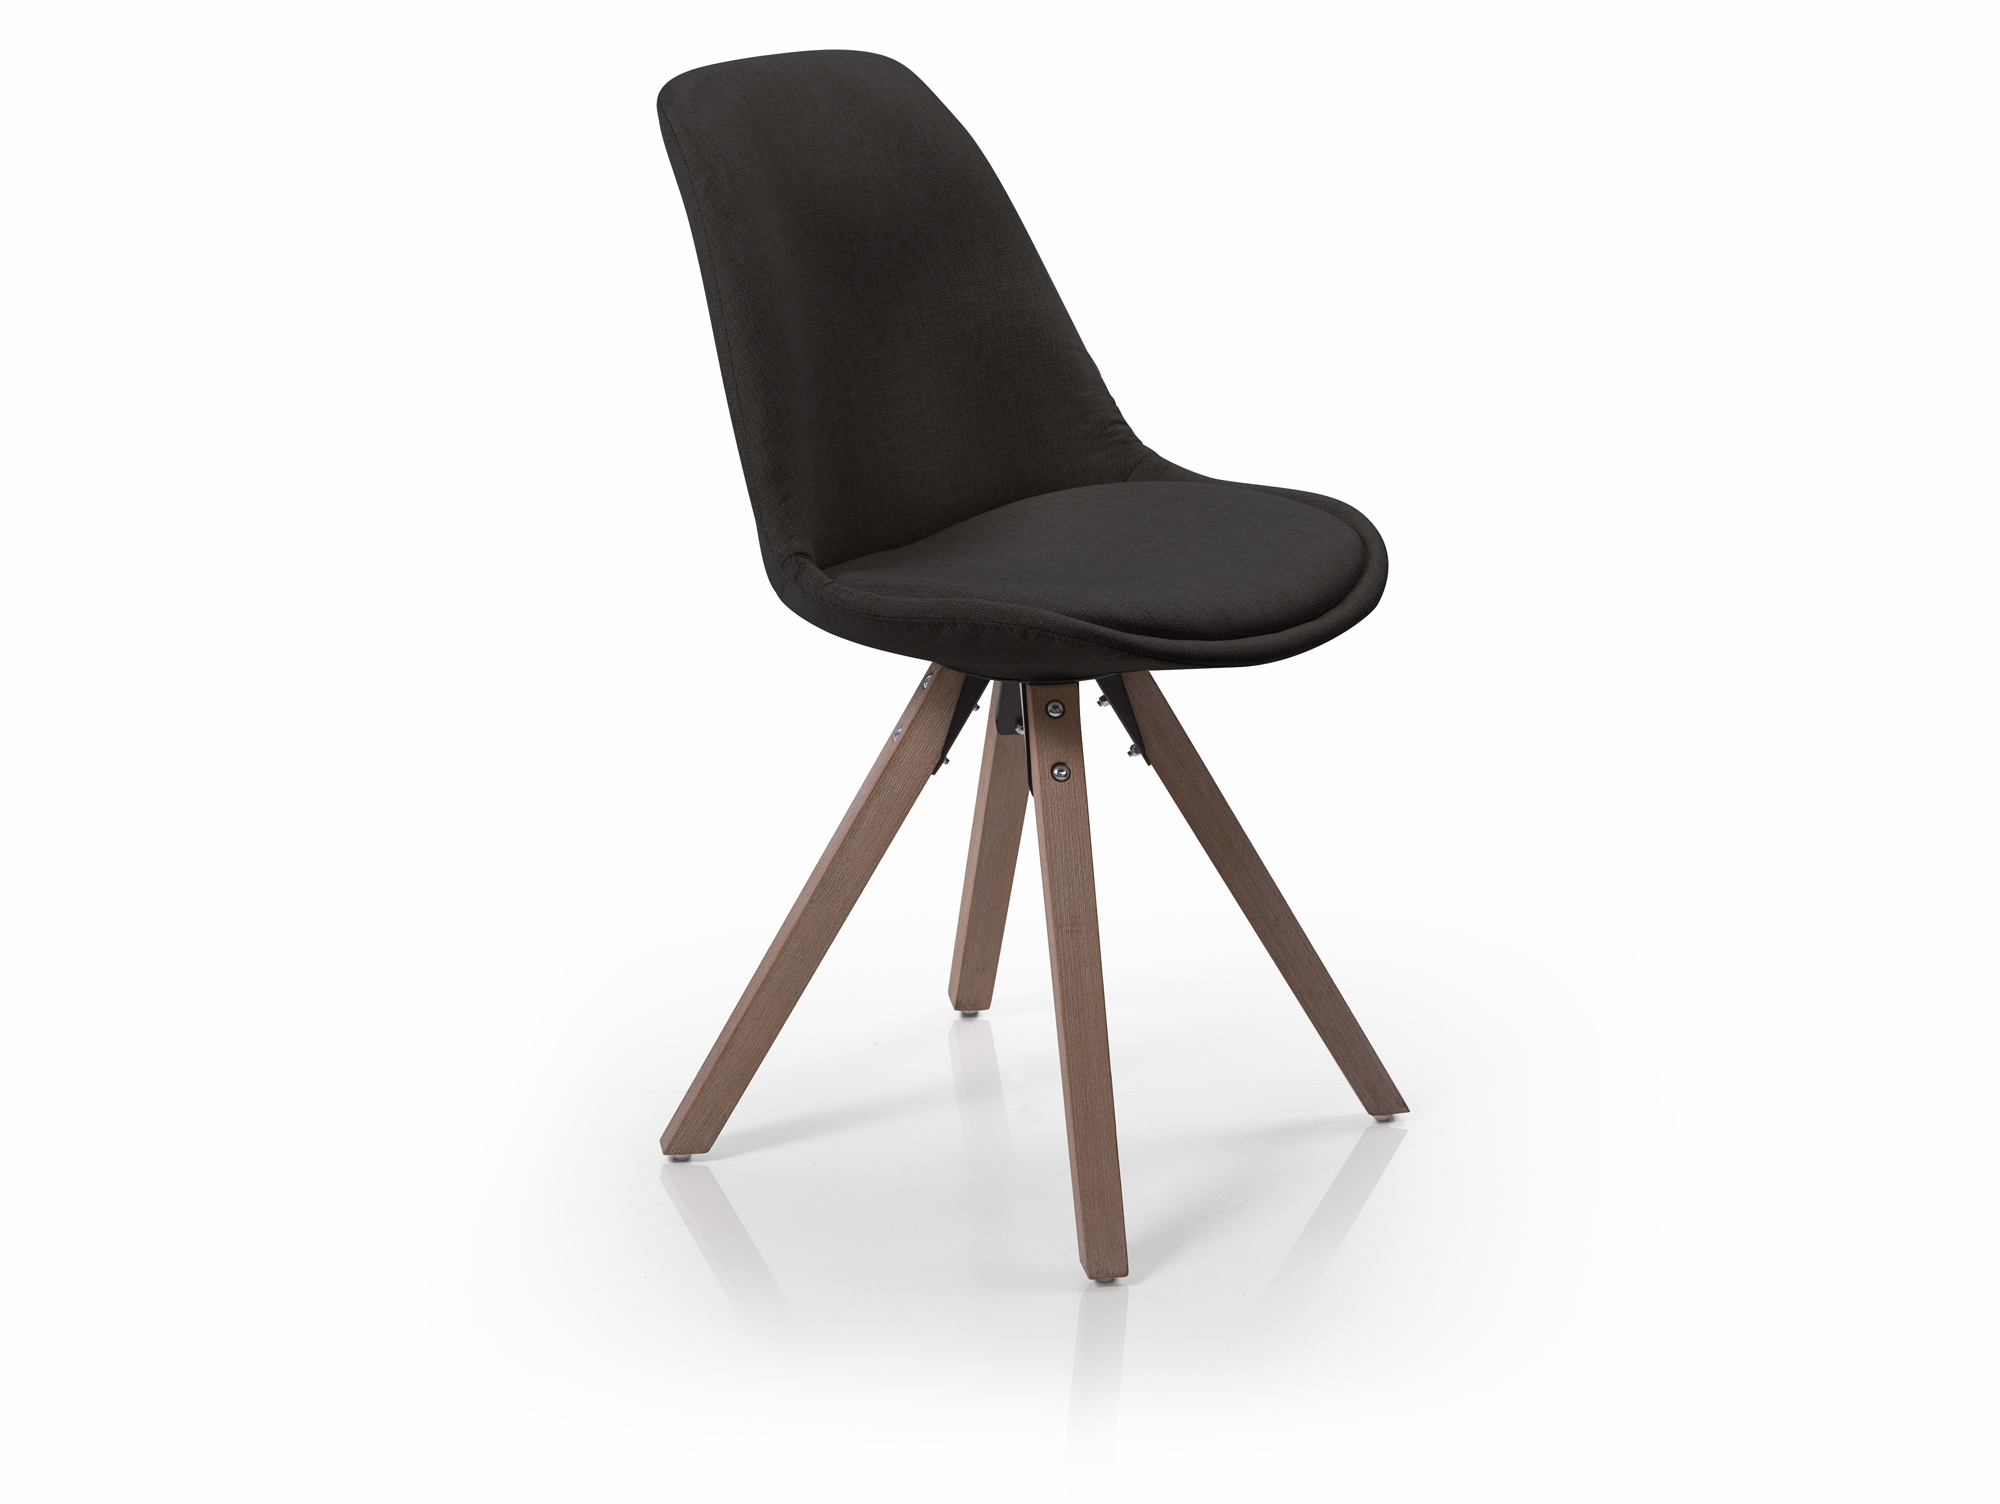 Pitu esstischstuhl schalenstuhl stoffbezug schwarz for Schalenstuhl schwarz